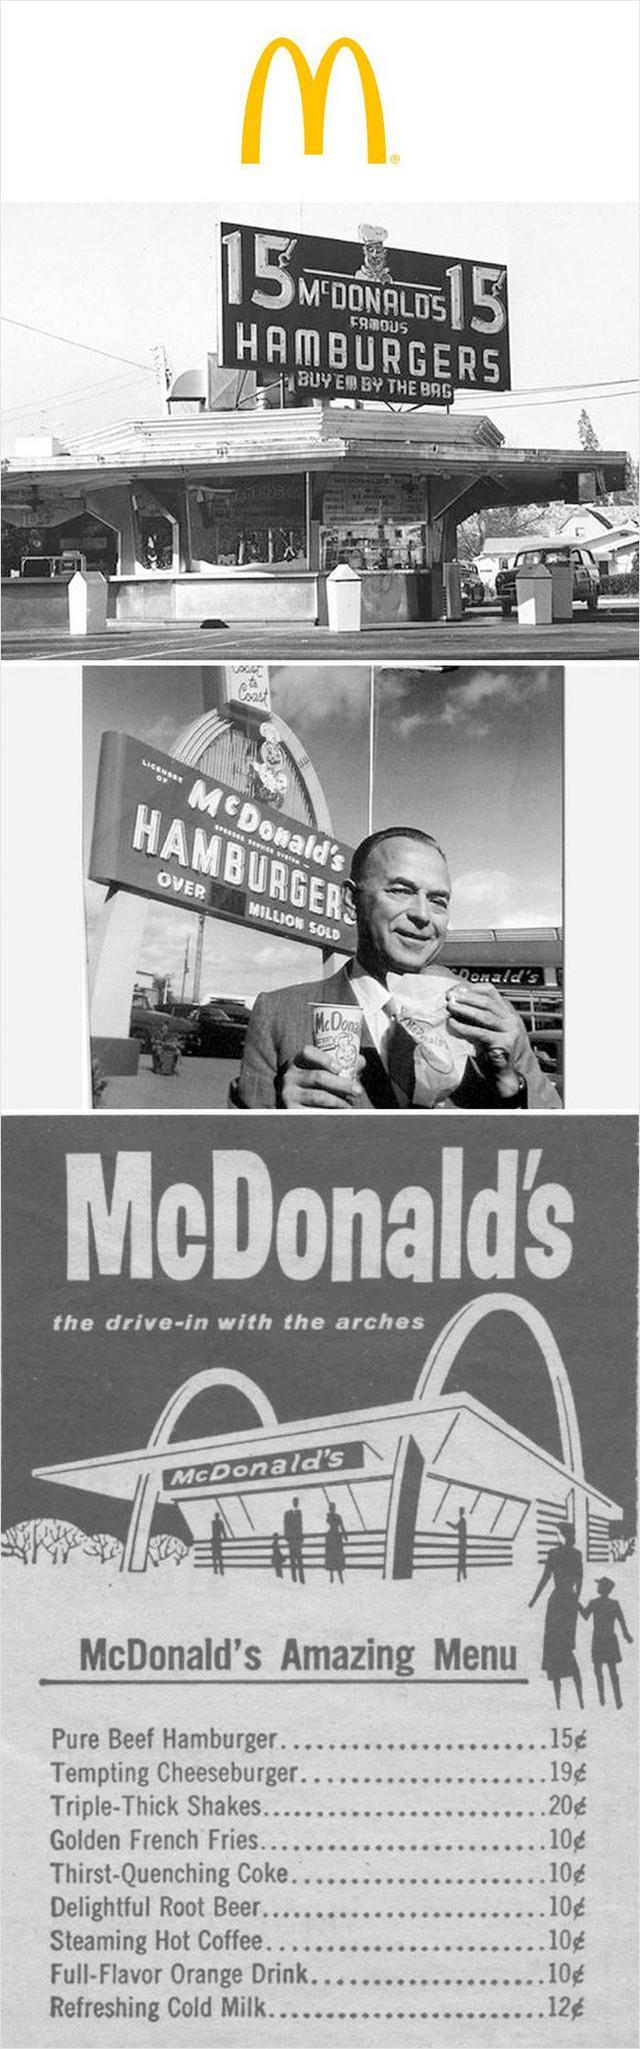 20 sản phẩm đầu tiên của những thương hiệu nổi tiếng bậc nhất thế giới - Ảnh 13.